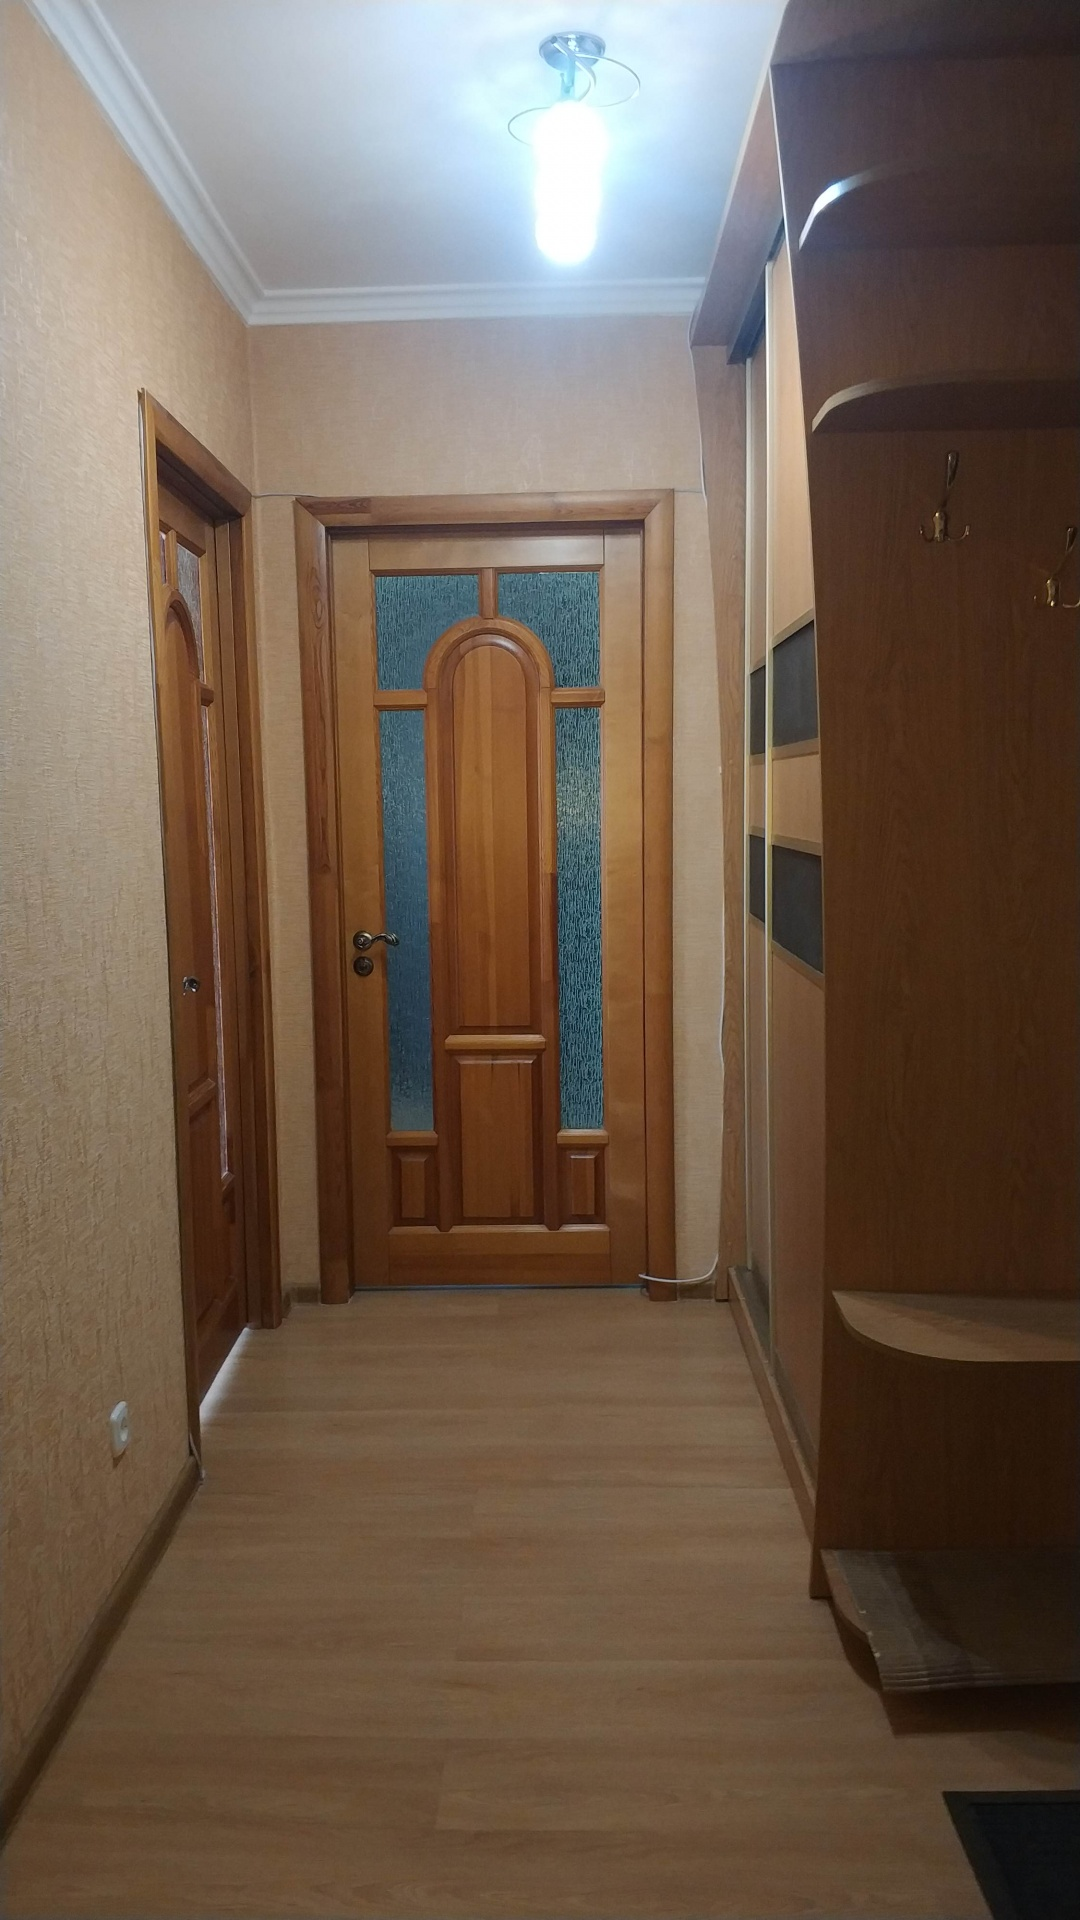 Квартира 2 комнатная в г. Майкоп район Восход